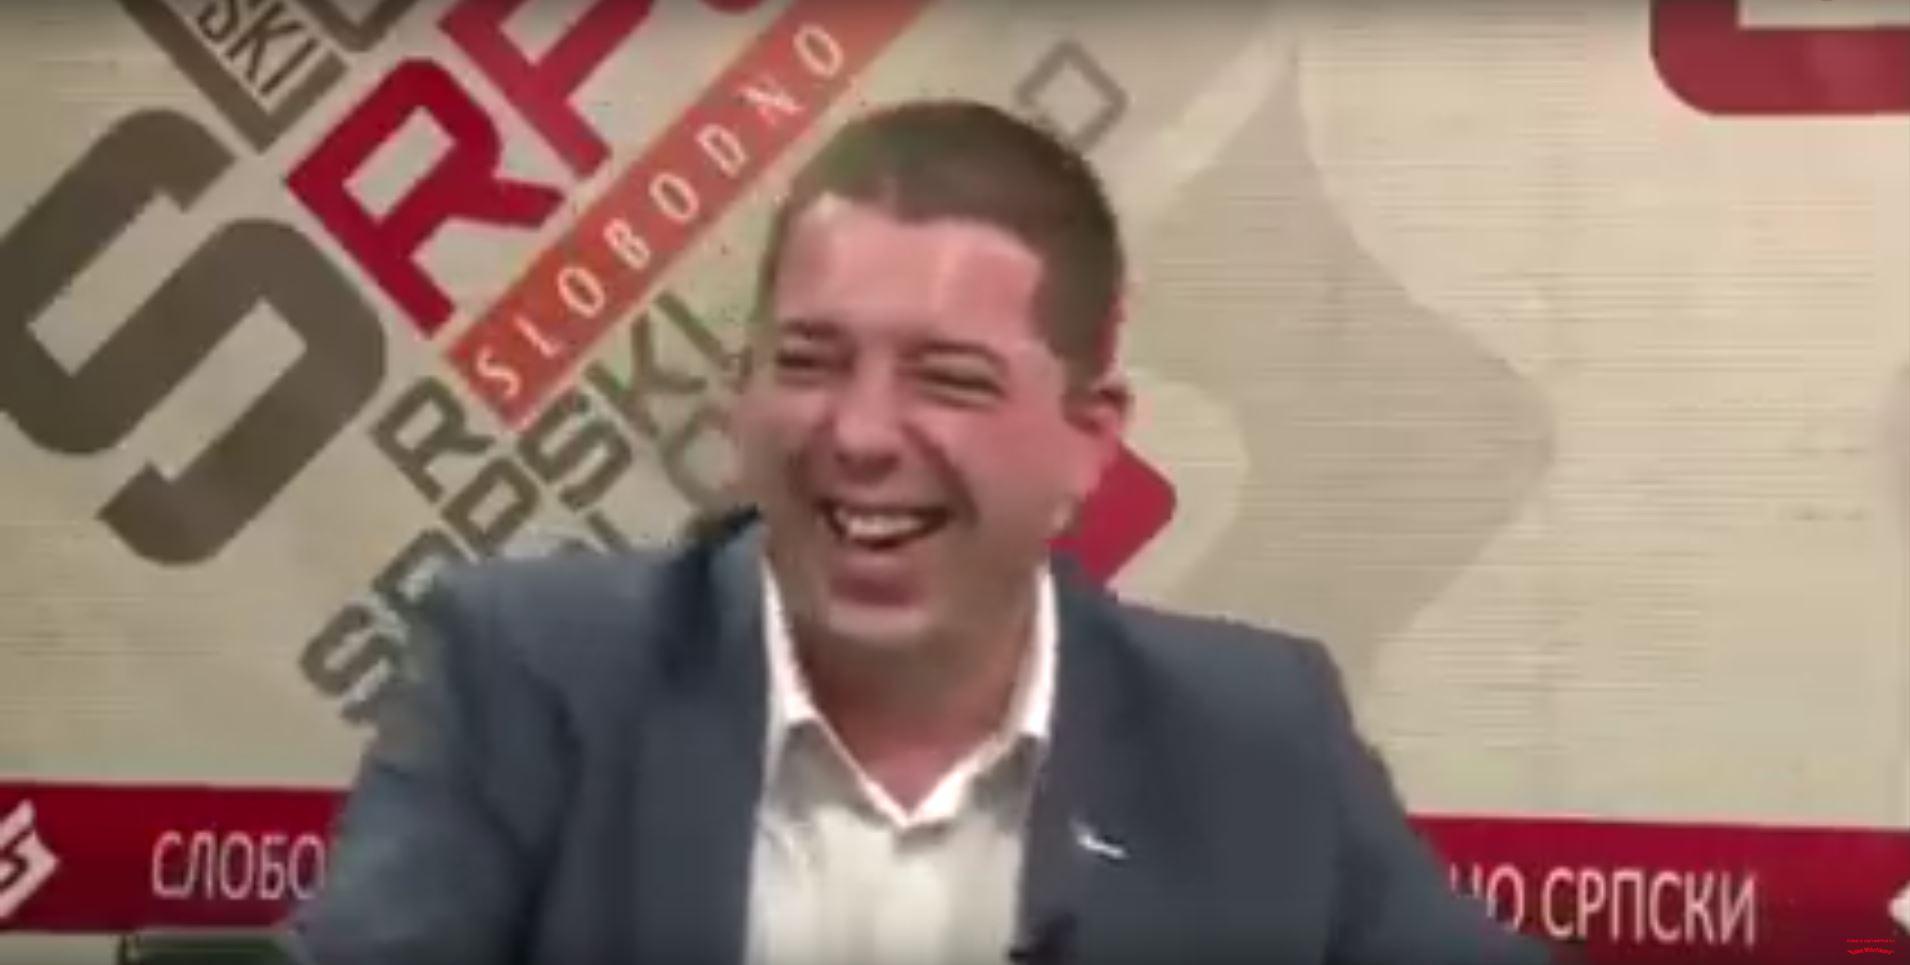 Savez za Srbiju: Marko Đurić pokazao pravo lice vlasti